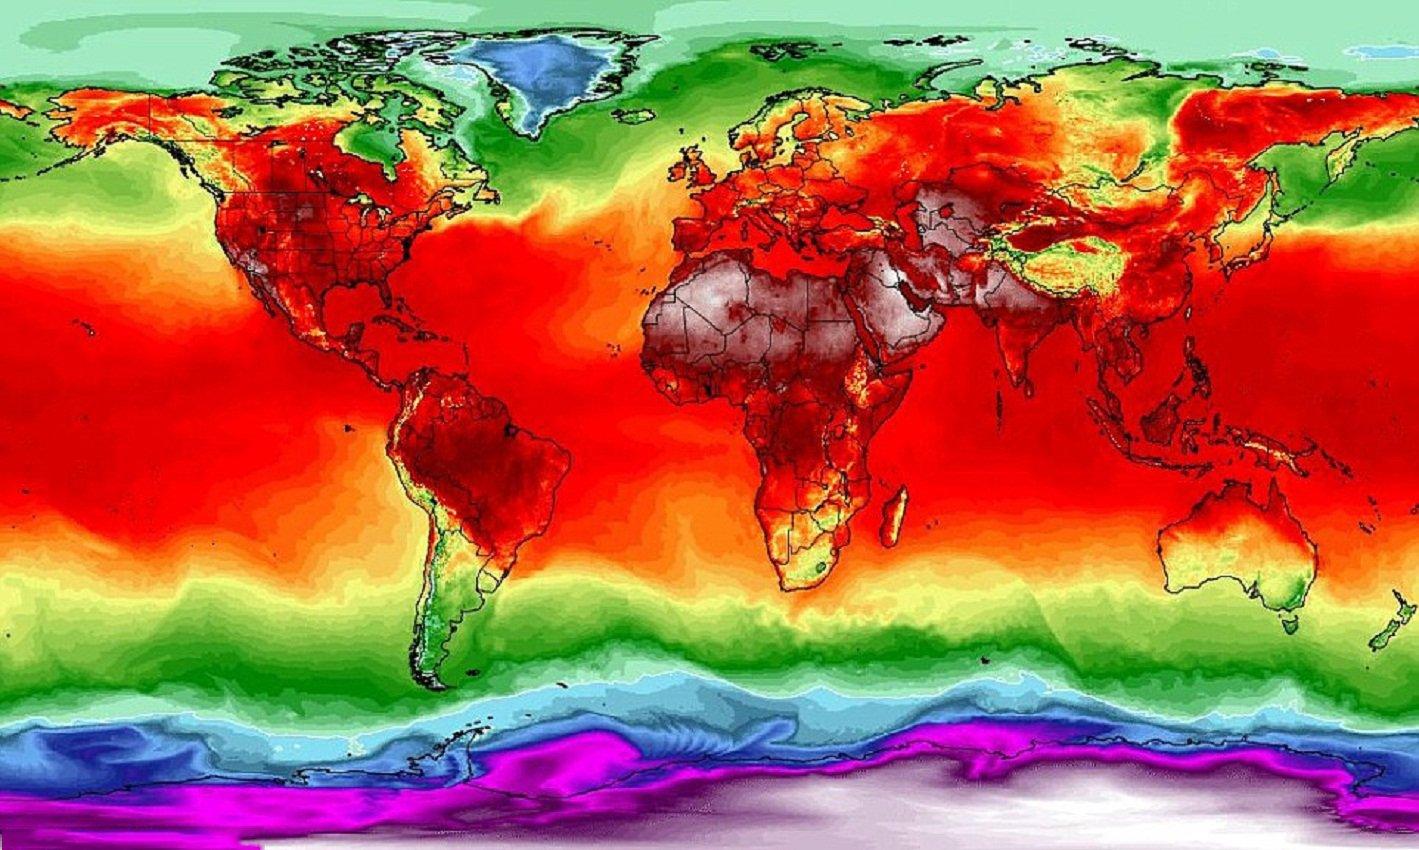 e653b5ec6237 ... потепление климата – это не выдумки ученых, а новая реальность. Жители  Земли столкнулись с неимоверной жарой. На карте распределения температур  показано ...